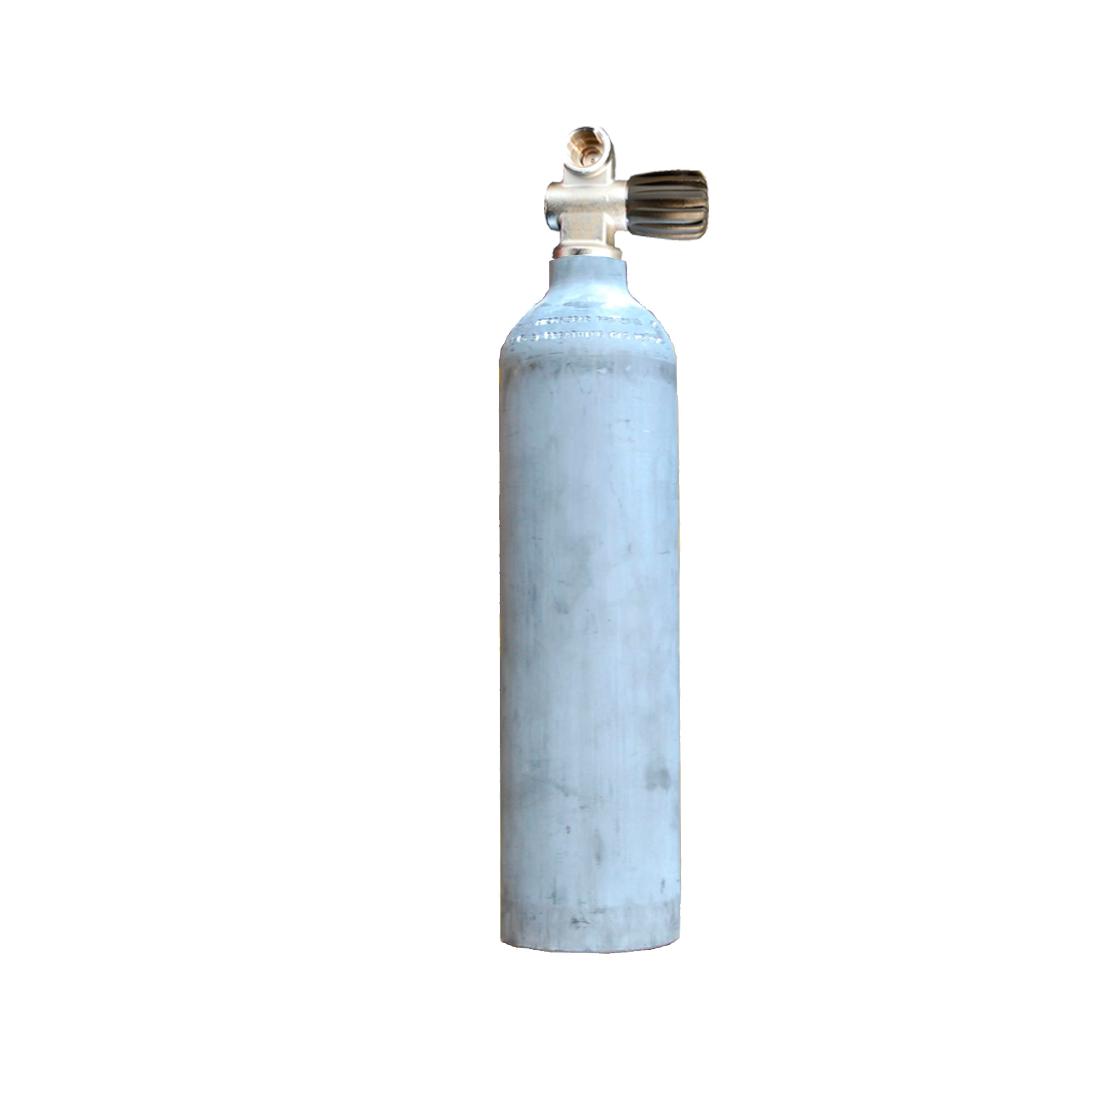 MES - Tauchgerät 3L 200Bar Aluflasche ohne/mit Ventil